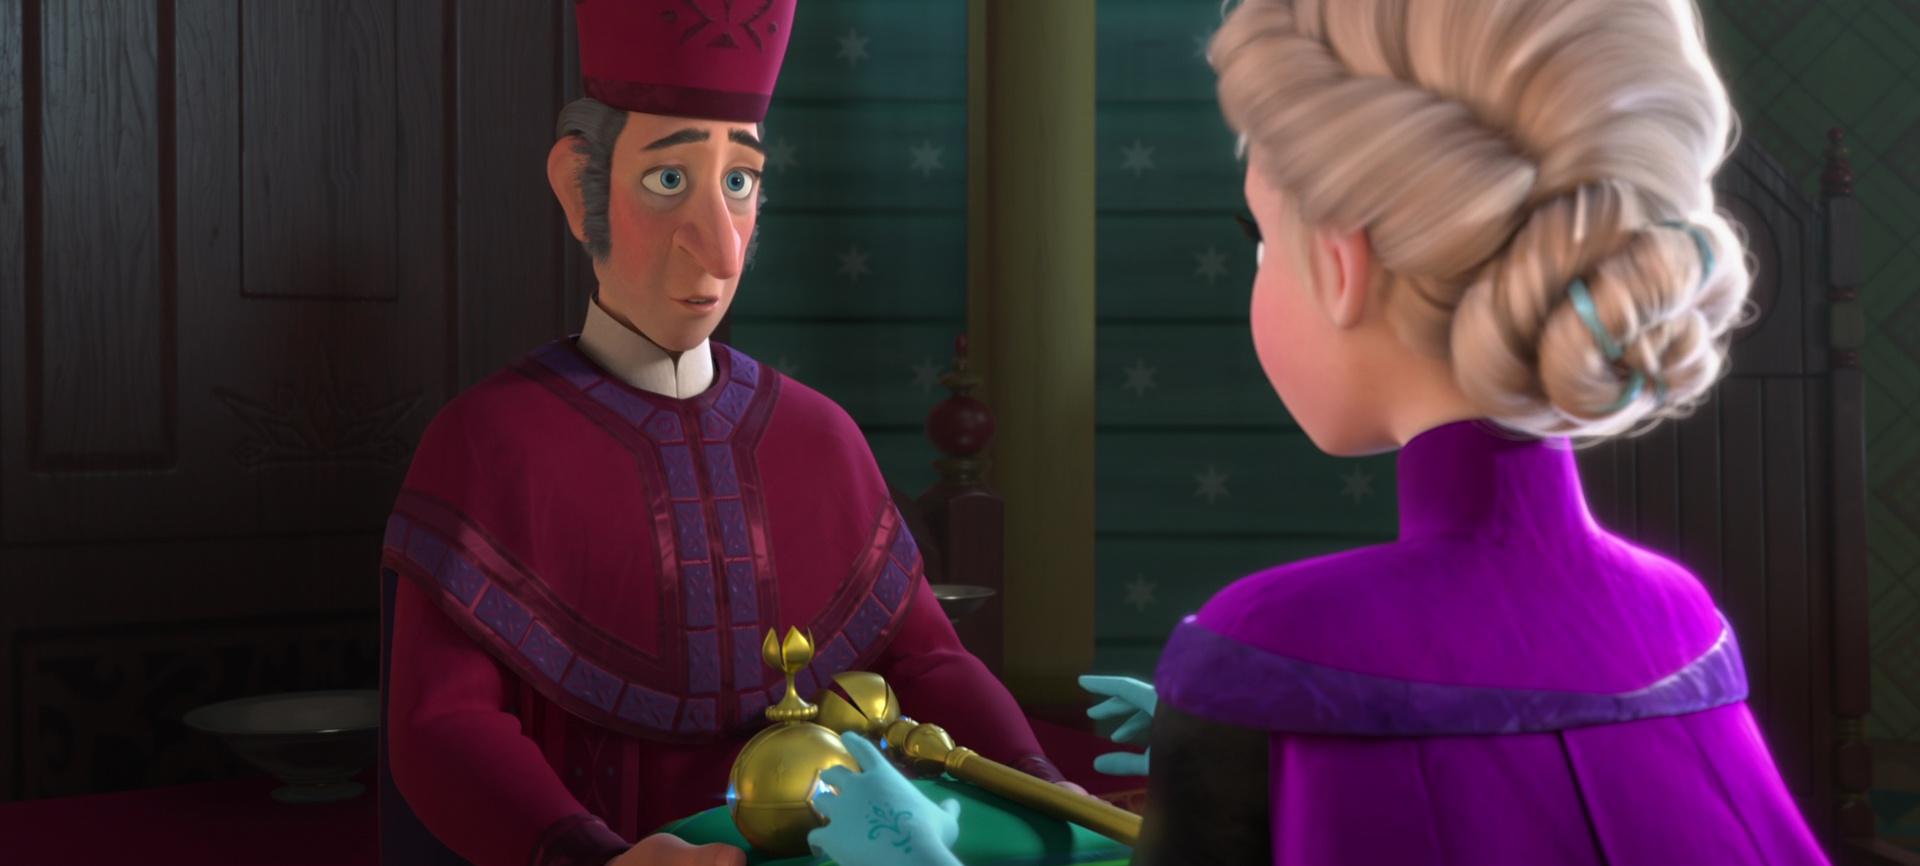 L ev que personnage dans la reine des neiges disney - Personnage reine des neiges ...